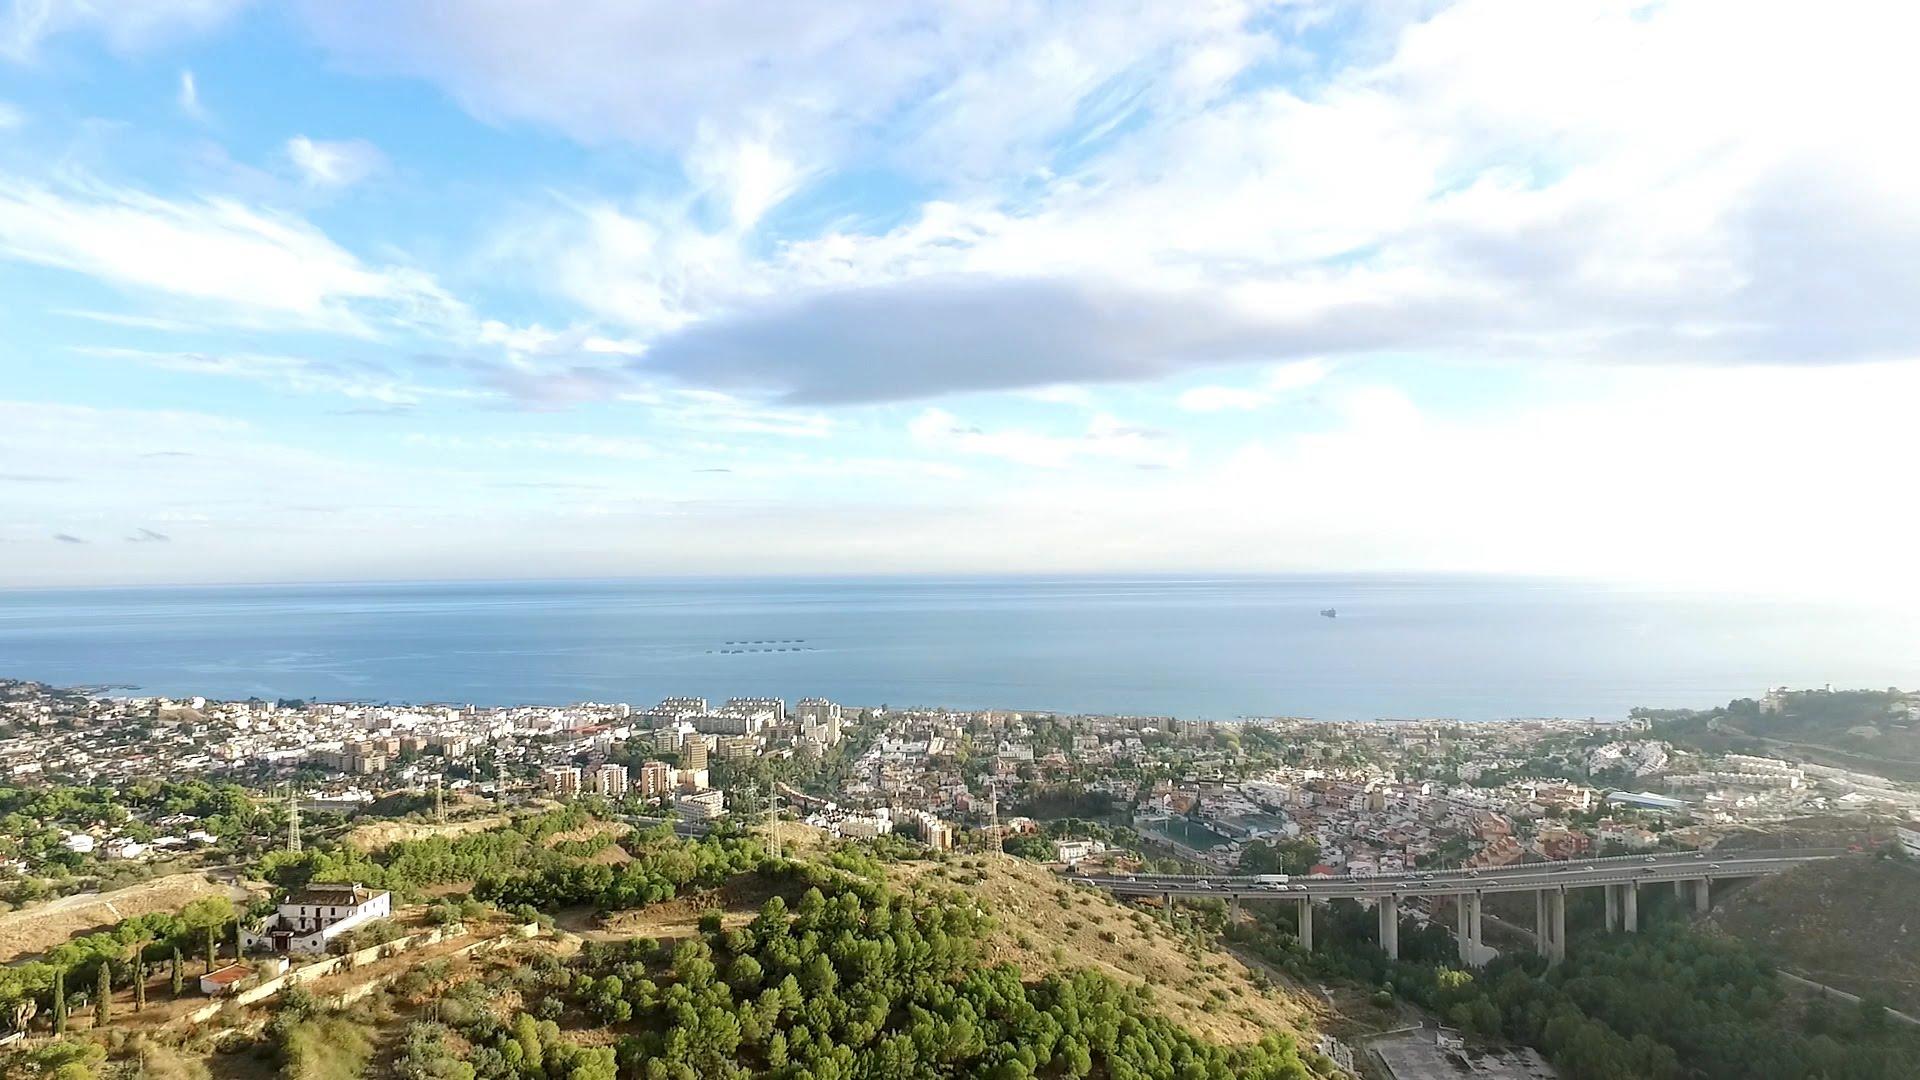 Alquiler de coches en Málaga: recorriendo Málaga Este